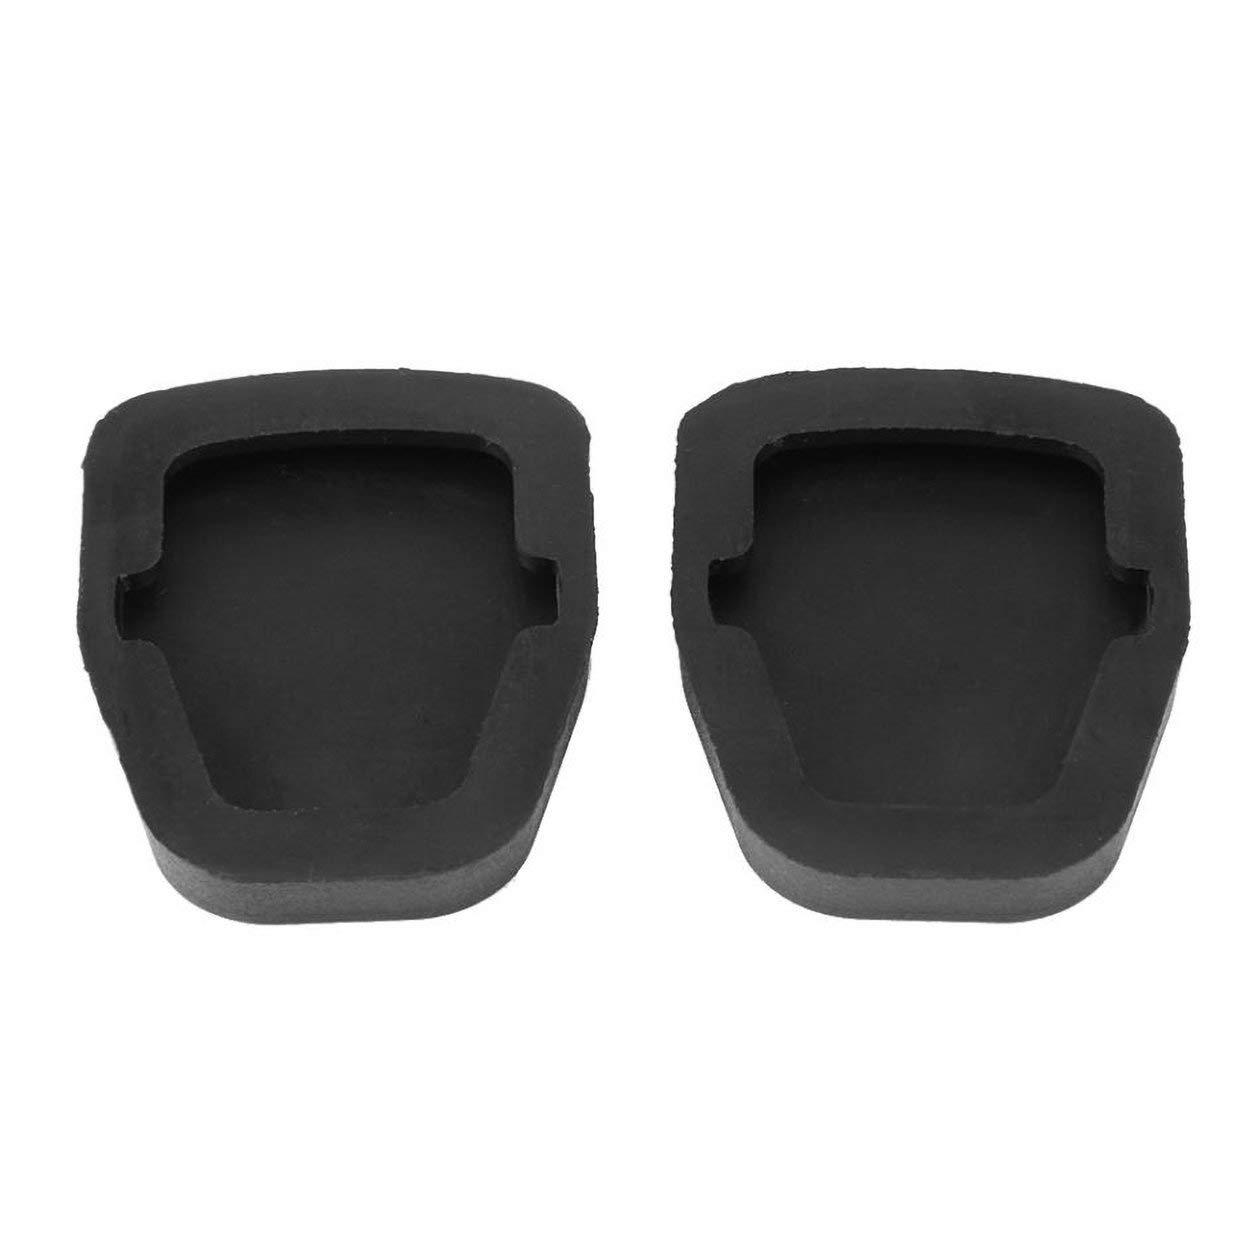 couleur noire 2 plaquettes de p/édale dembrayage de frein pour OEM Subaru Forester Impreza Legacy Outback WRX